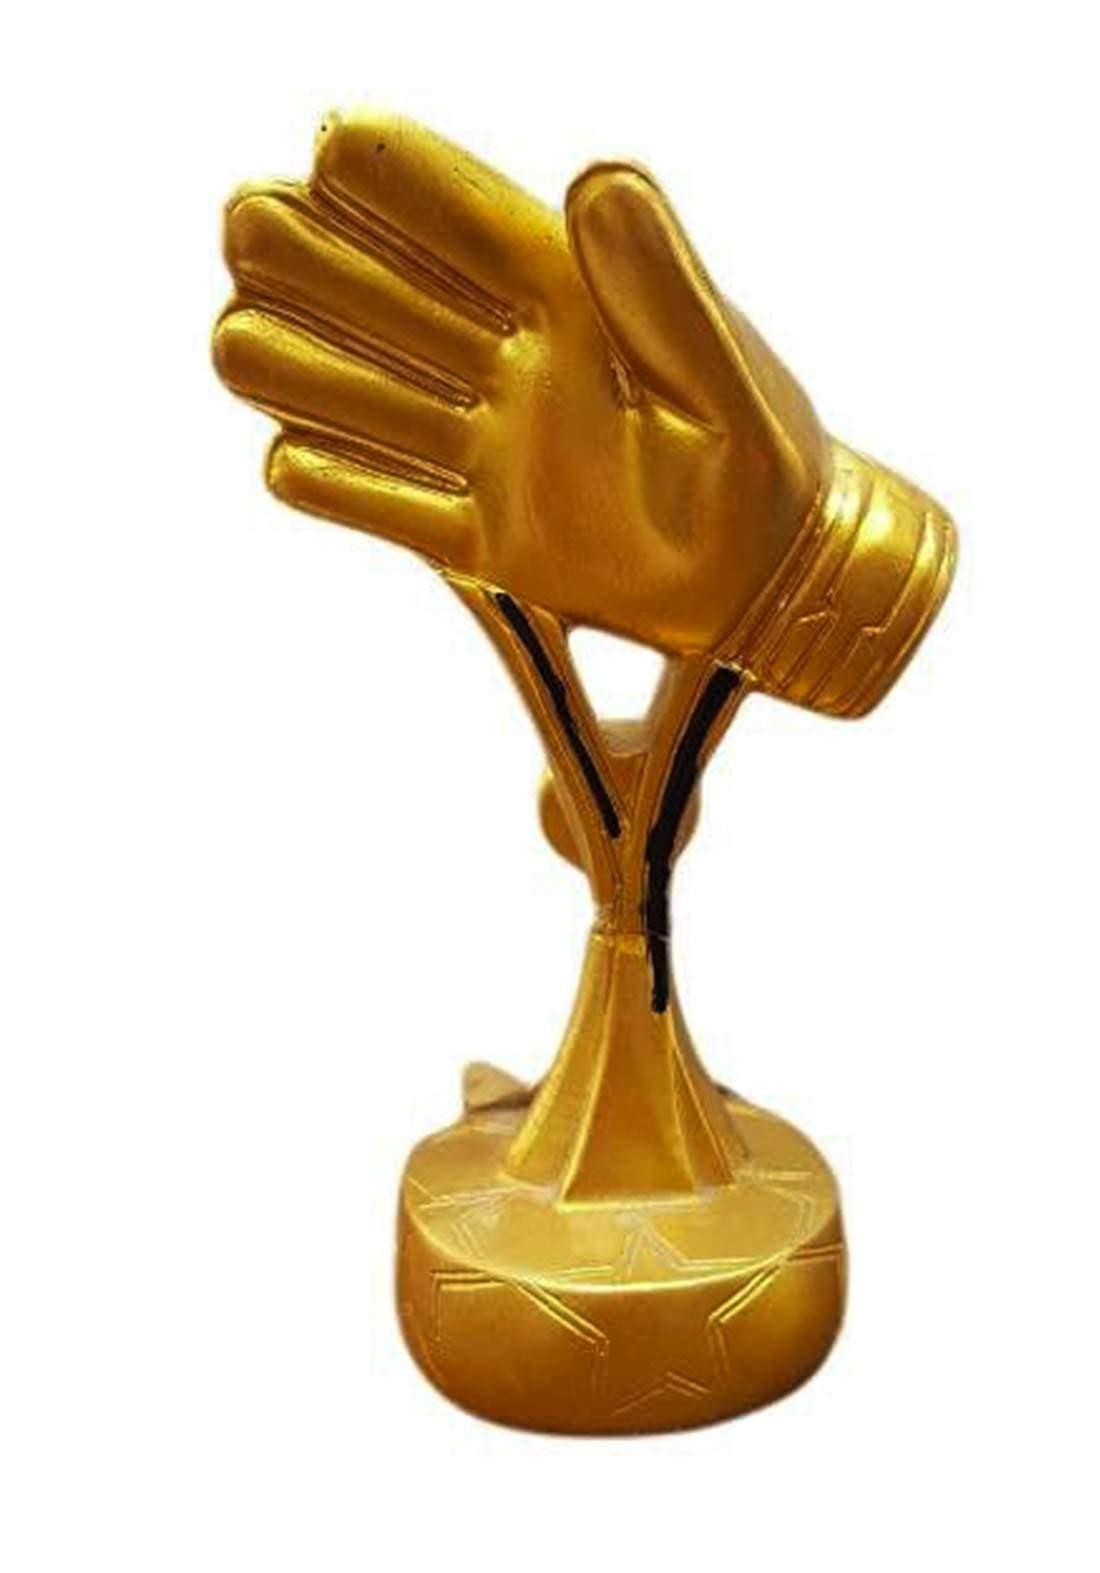 قفاز ذهبي للذكرى بشكل مبتكر يشابه جائزة افضل حارس مرمى في كاس العالم من فيفا